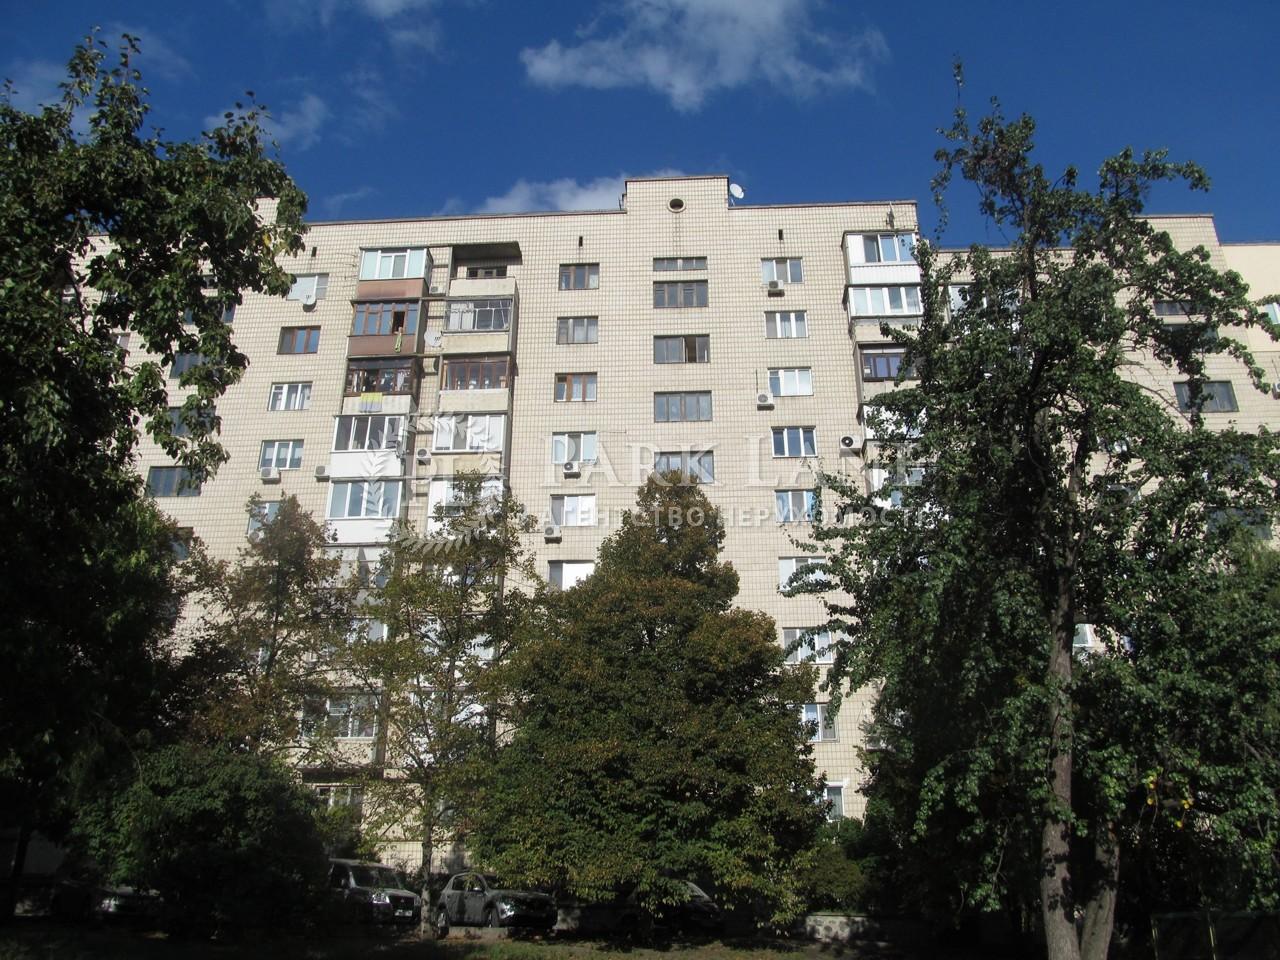 Квартира вул. Предславинська, 38, Київ, F-19821 - Фото 3